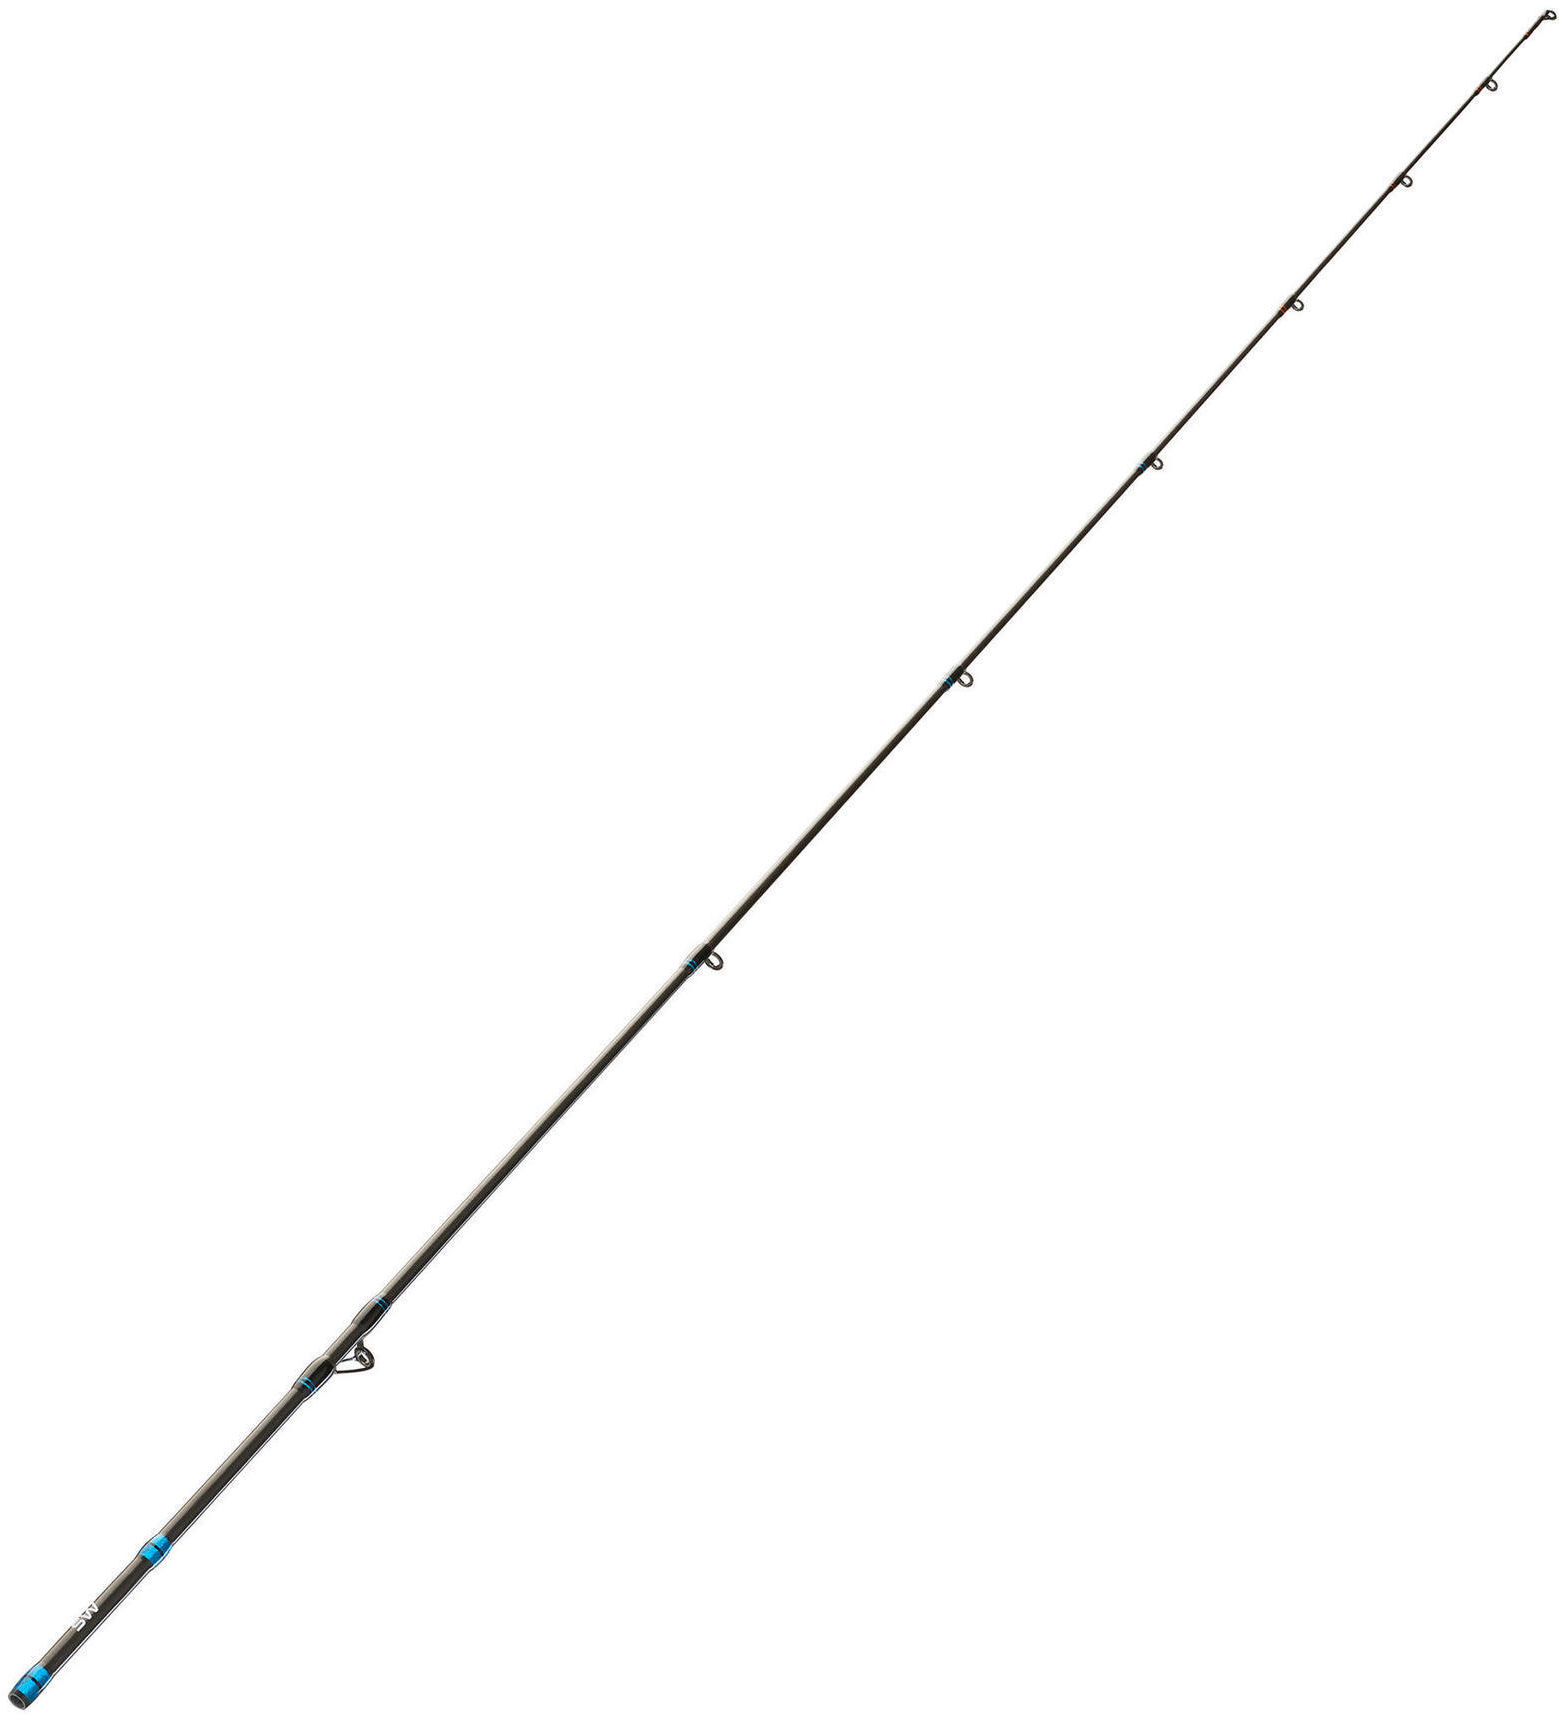 Szczytówka wędki morskiej UKIYO-500 210